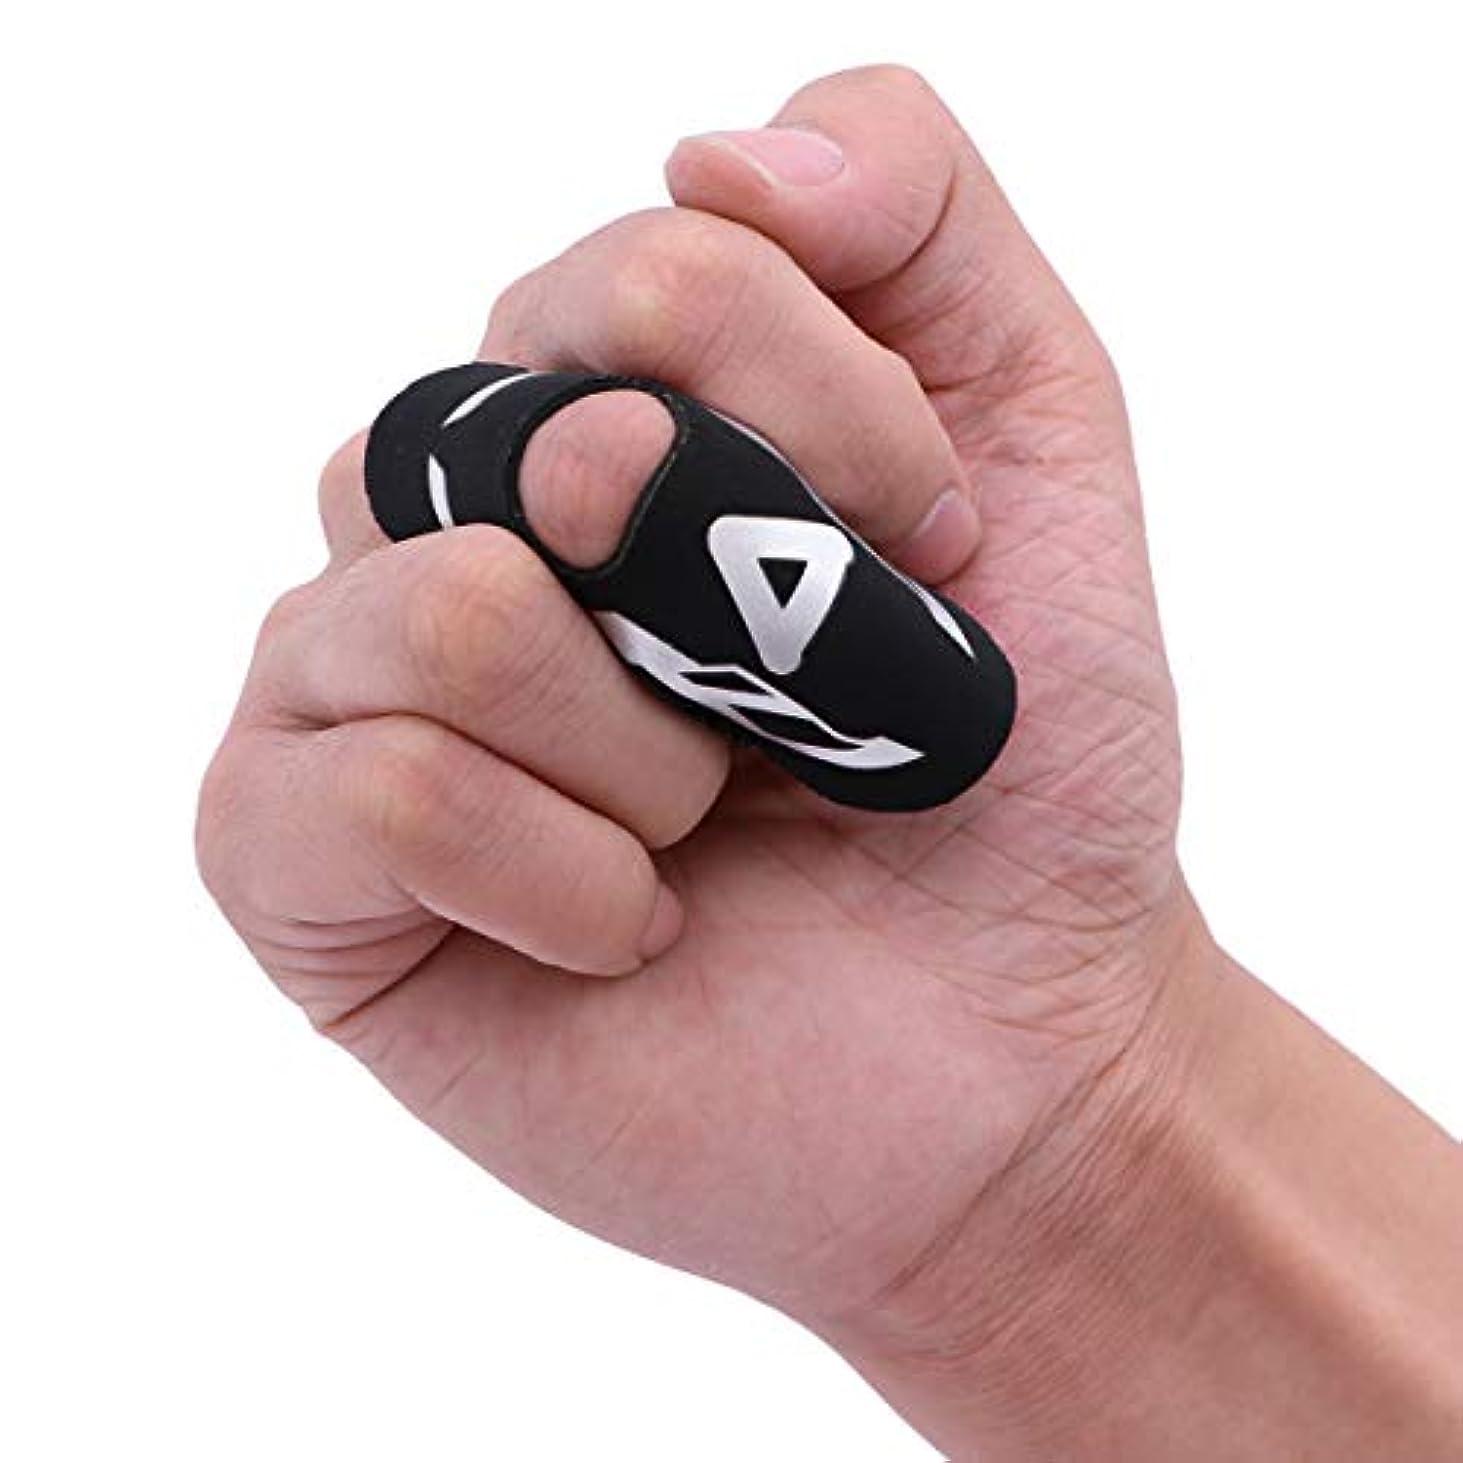 アレンジ素敵なうれしいSUPVOX 指の添え木サポートトリガーマレット指ブレース腱痛みを和らげるサイズL/XL